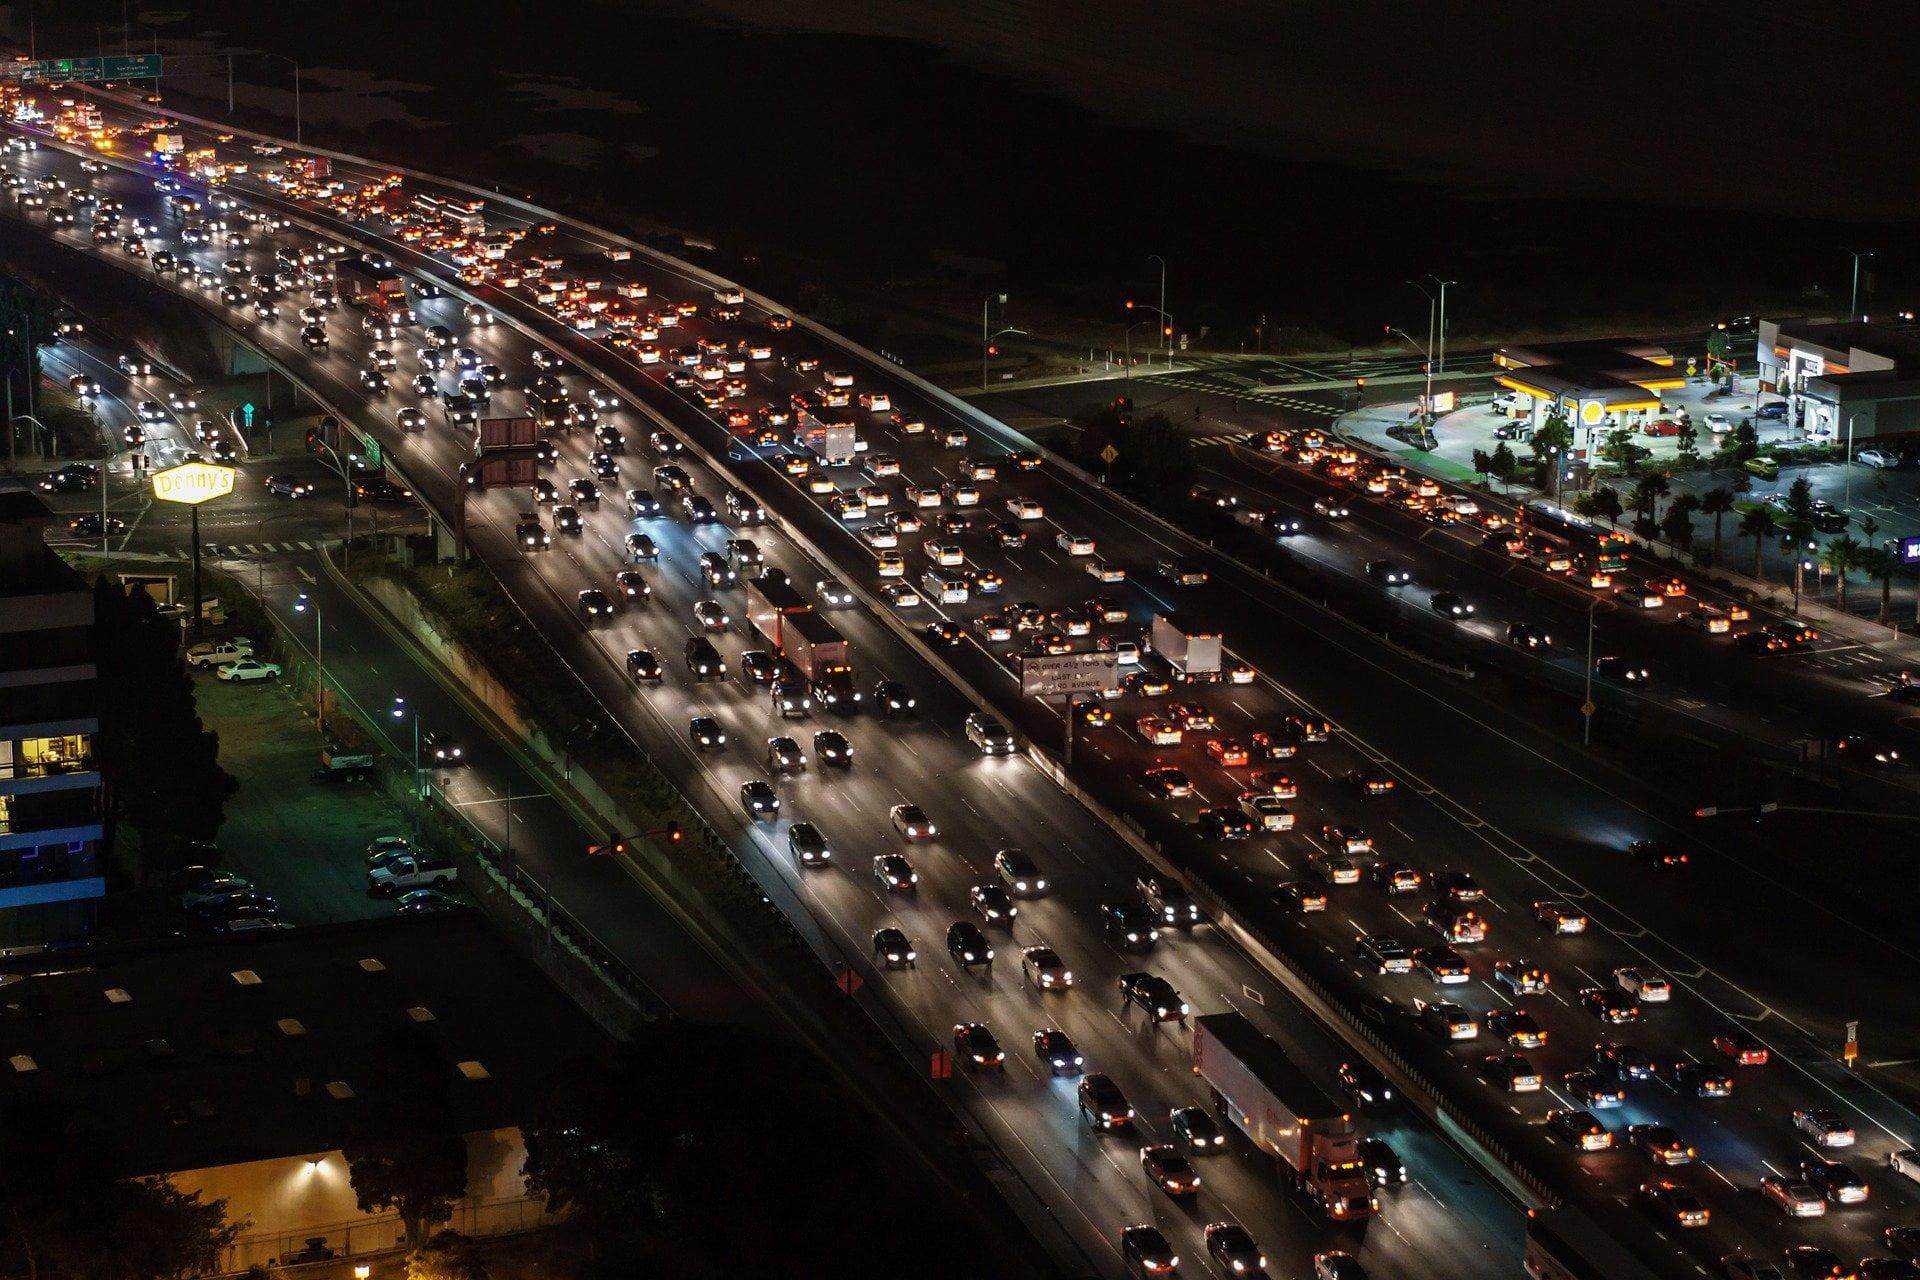 traffic-jam-1703575_1920.jpg